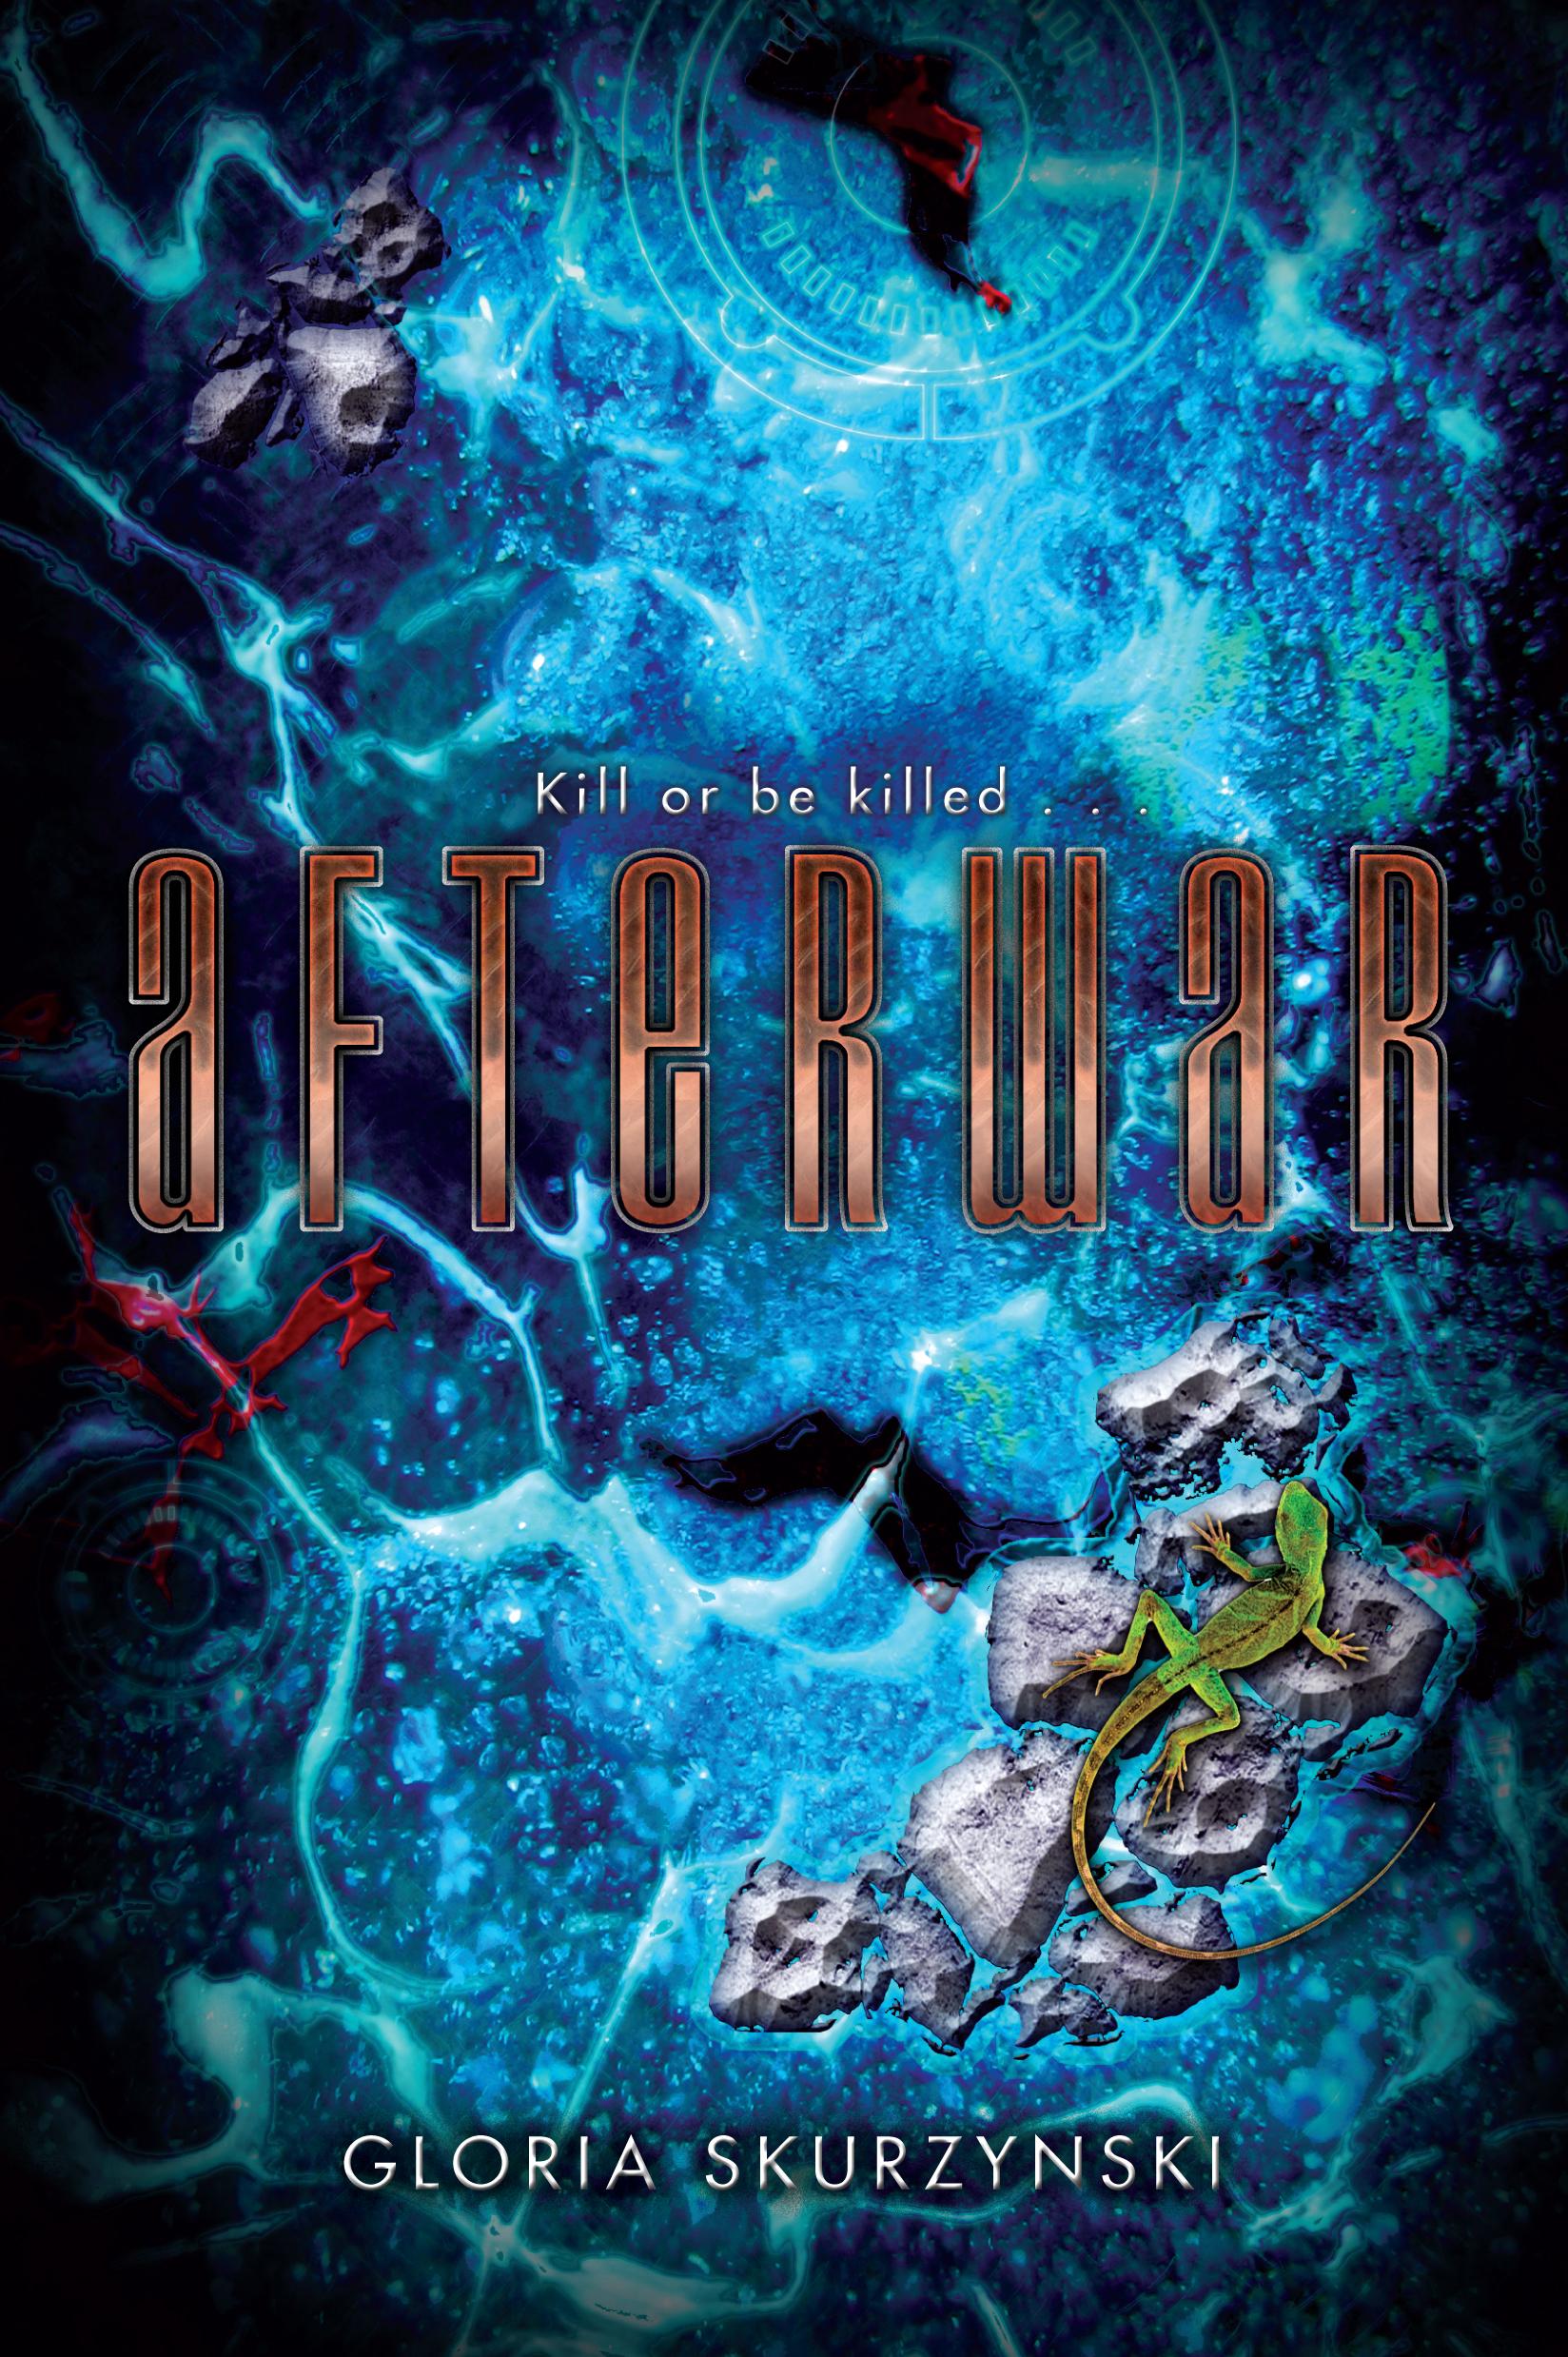 A literary analysis of virtual war by gloria skurzynski